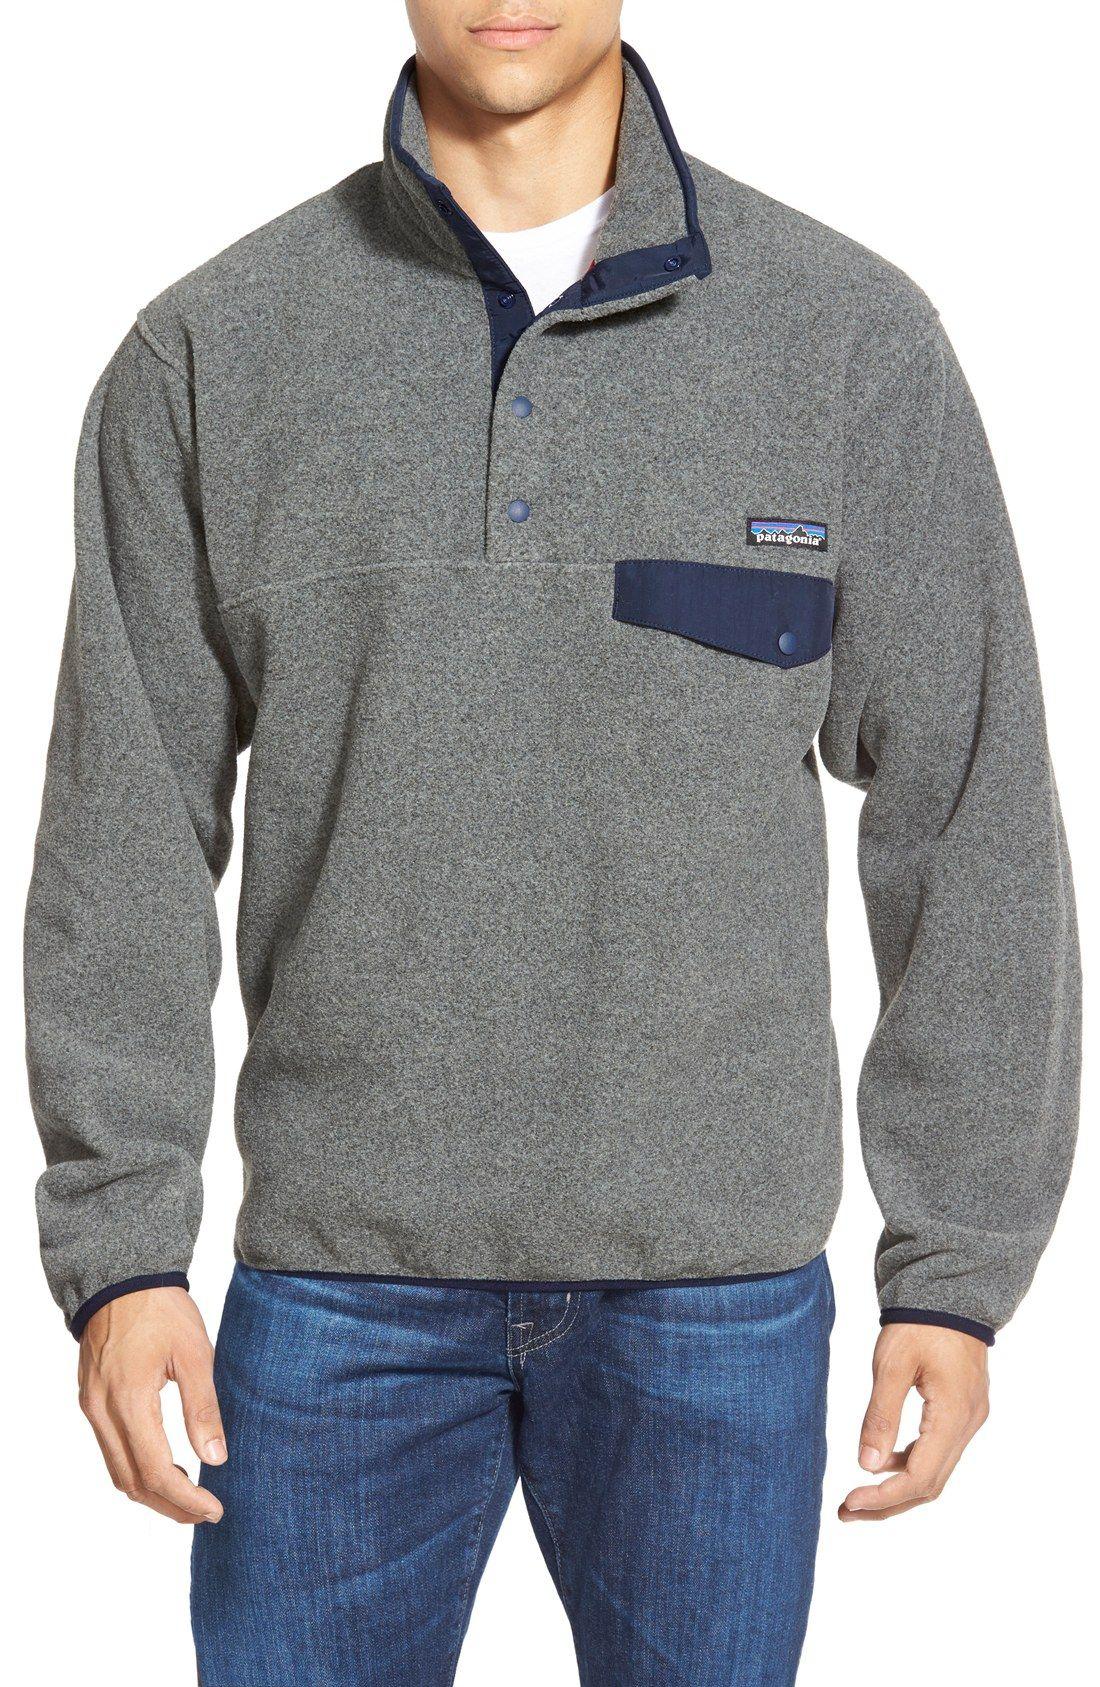 c09ffa7e5fe849 Patagonia  Synchilla® Snap-T  Fleece Pullover